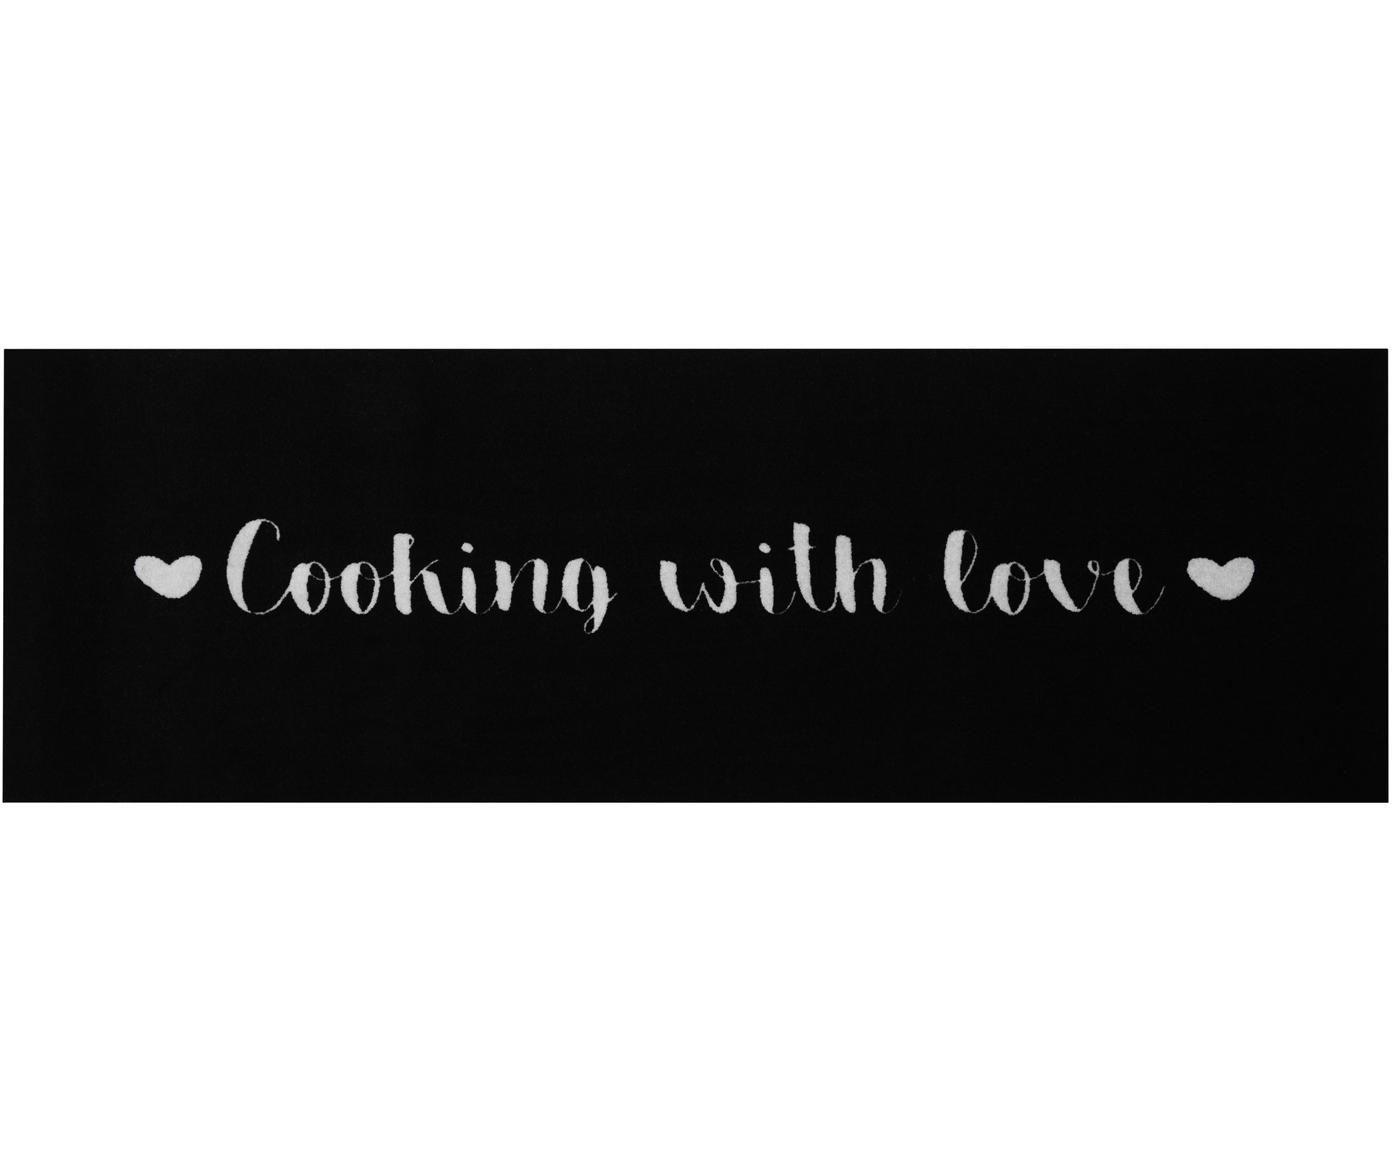 Waschbarer Küchenläufer Cooking with Love, rutschfest, Oberseite: 100% Polyamid, Unterseite: Gummi, Schwarz, Weiss, 50 x 150 cm